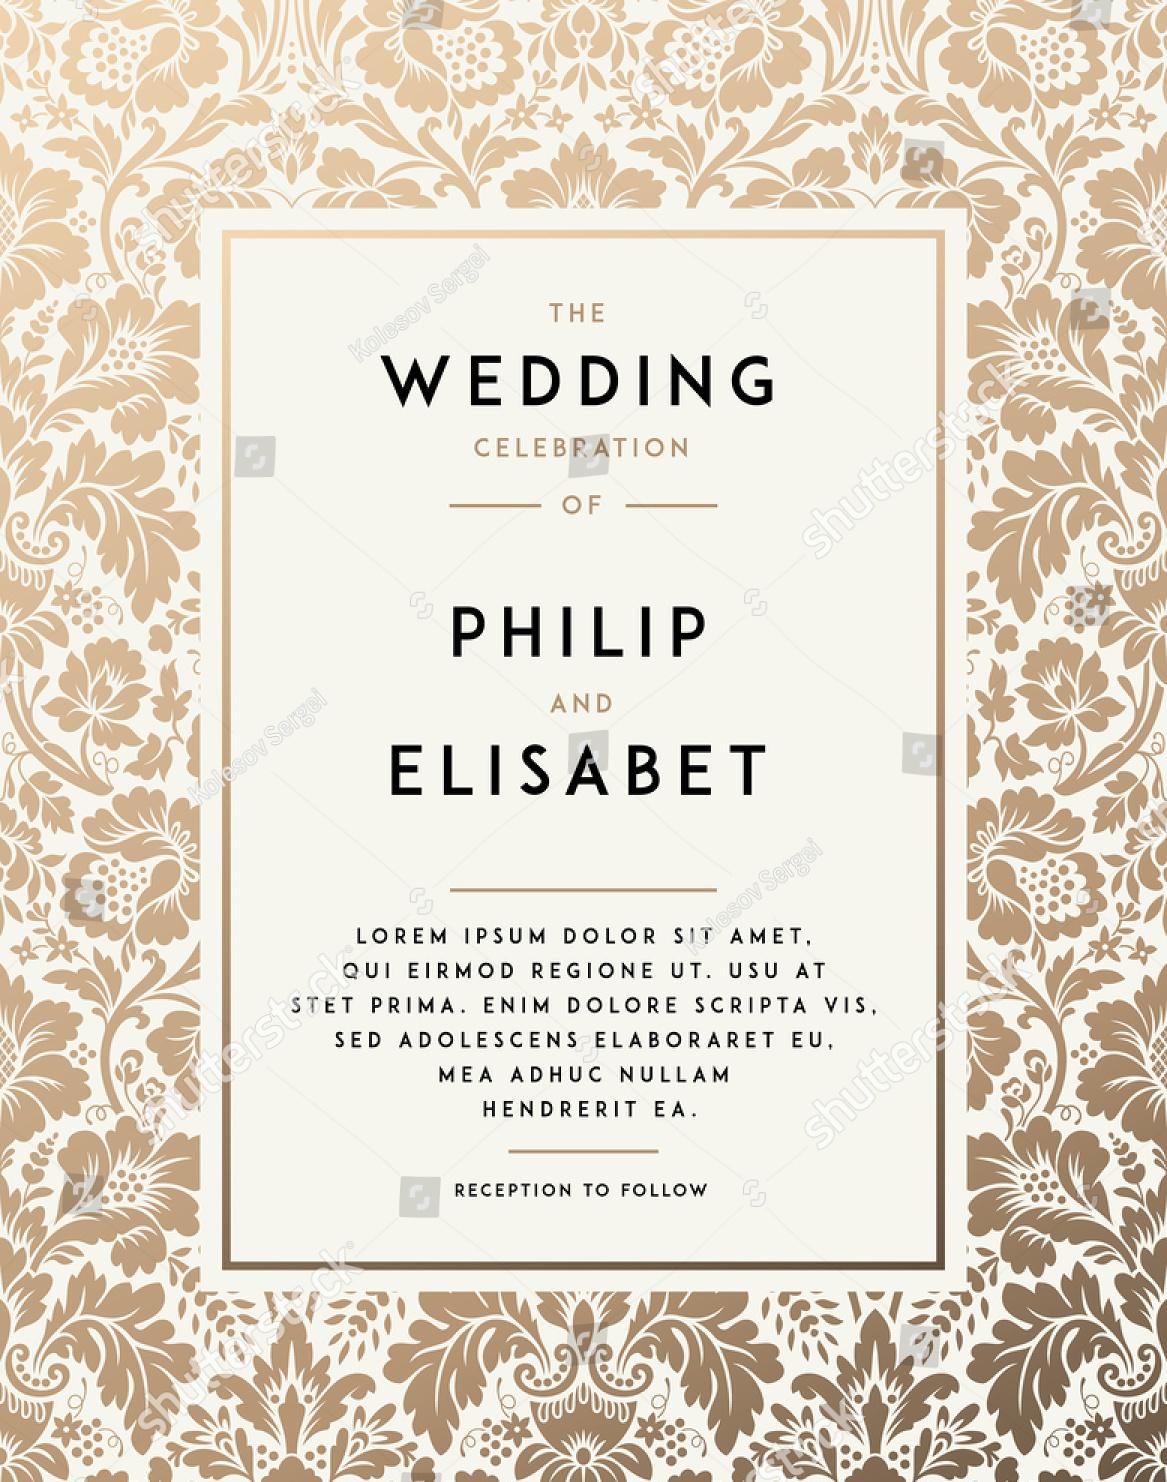 elegant vintage wedding invitation1